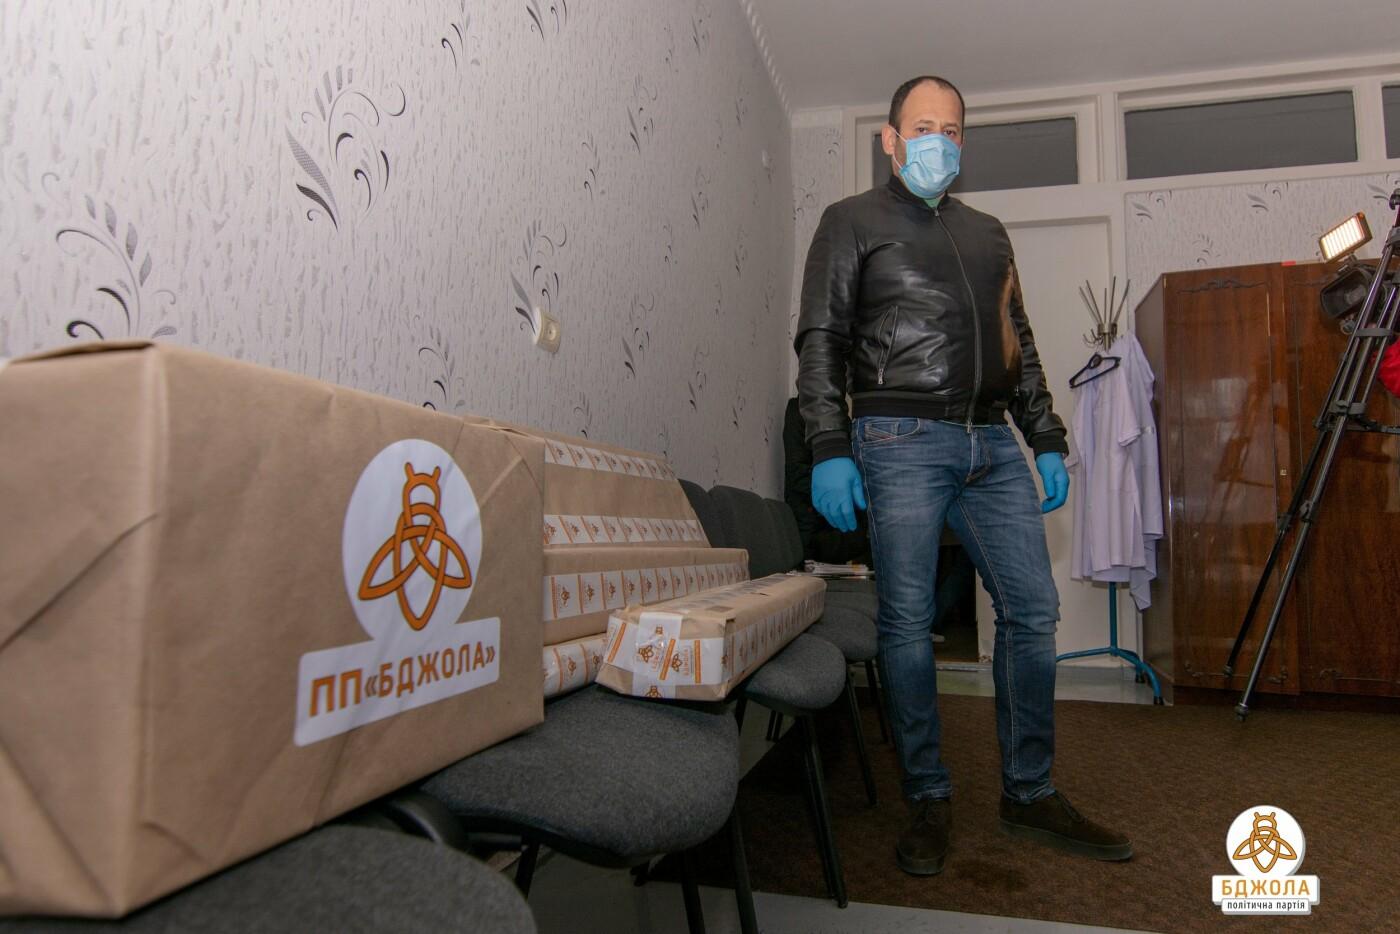 Кам'янська лікарня №7 отримала допомогу від партії «Бджола», фото-2